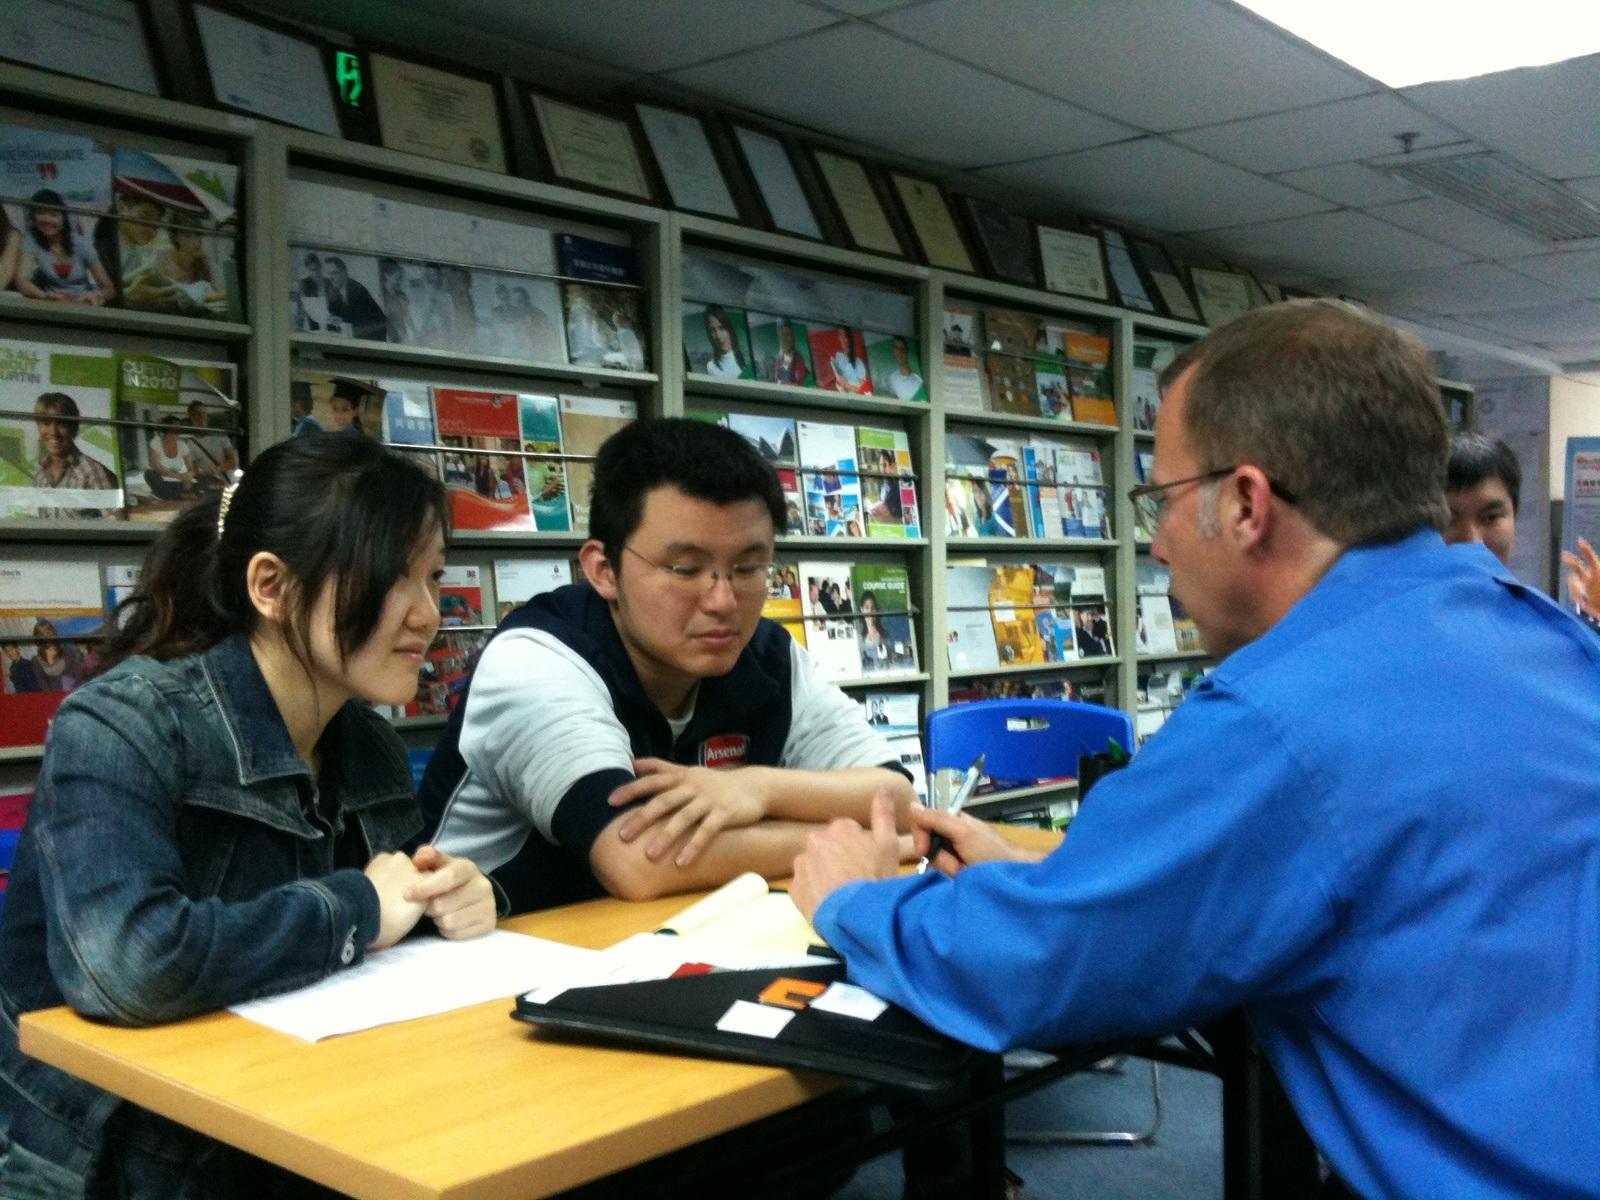 College admissions consultants